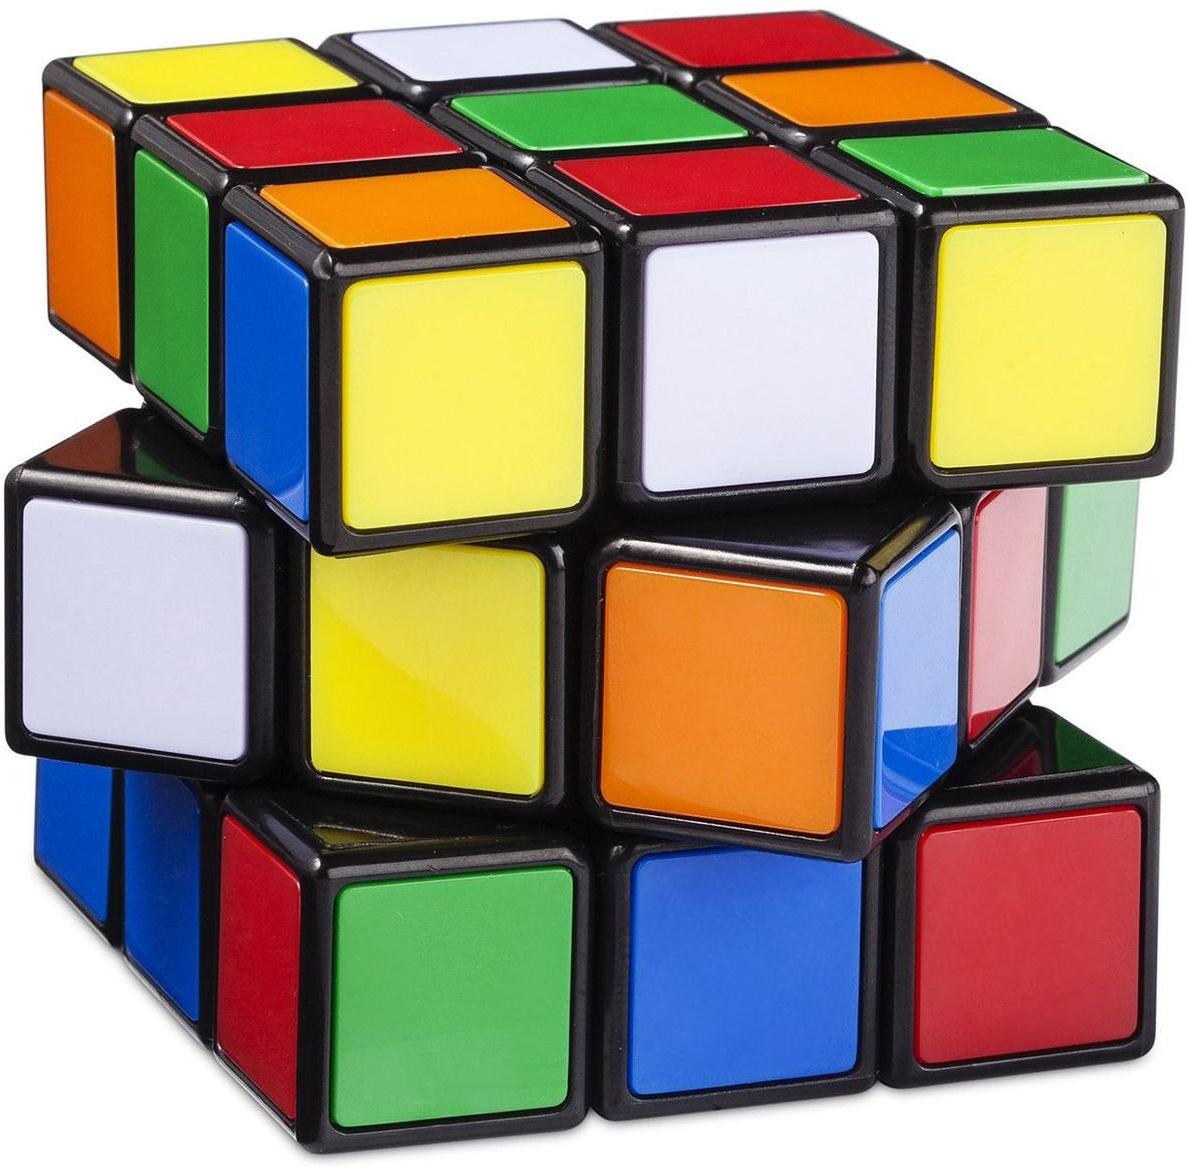 Купить кубик Рубика – всегда отличная идея